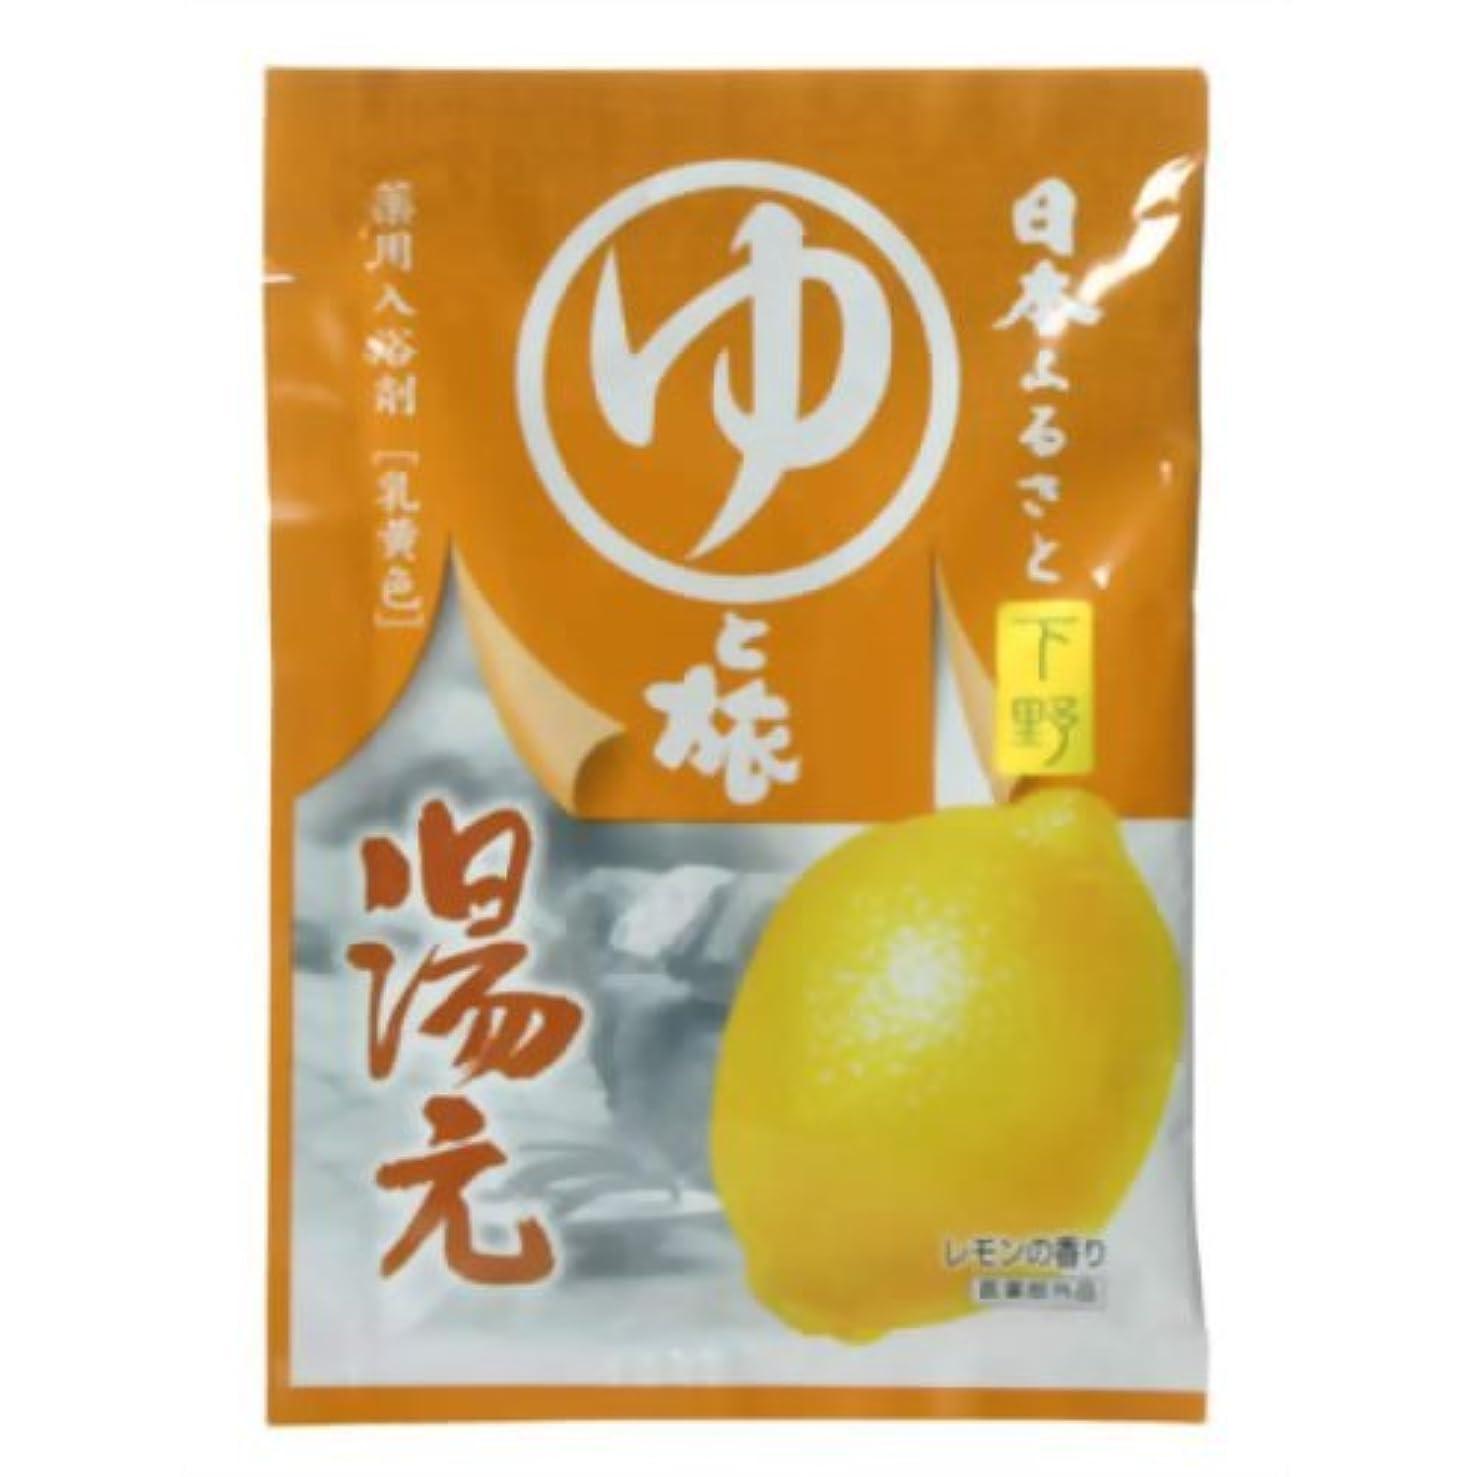 ヤマサキの入浴剤シリーズ 湯元(入浴剤)